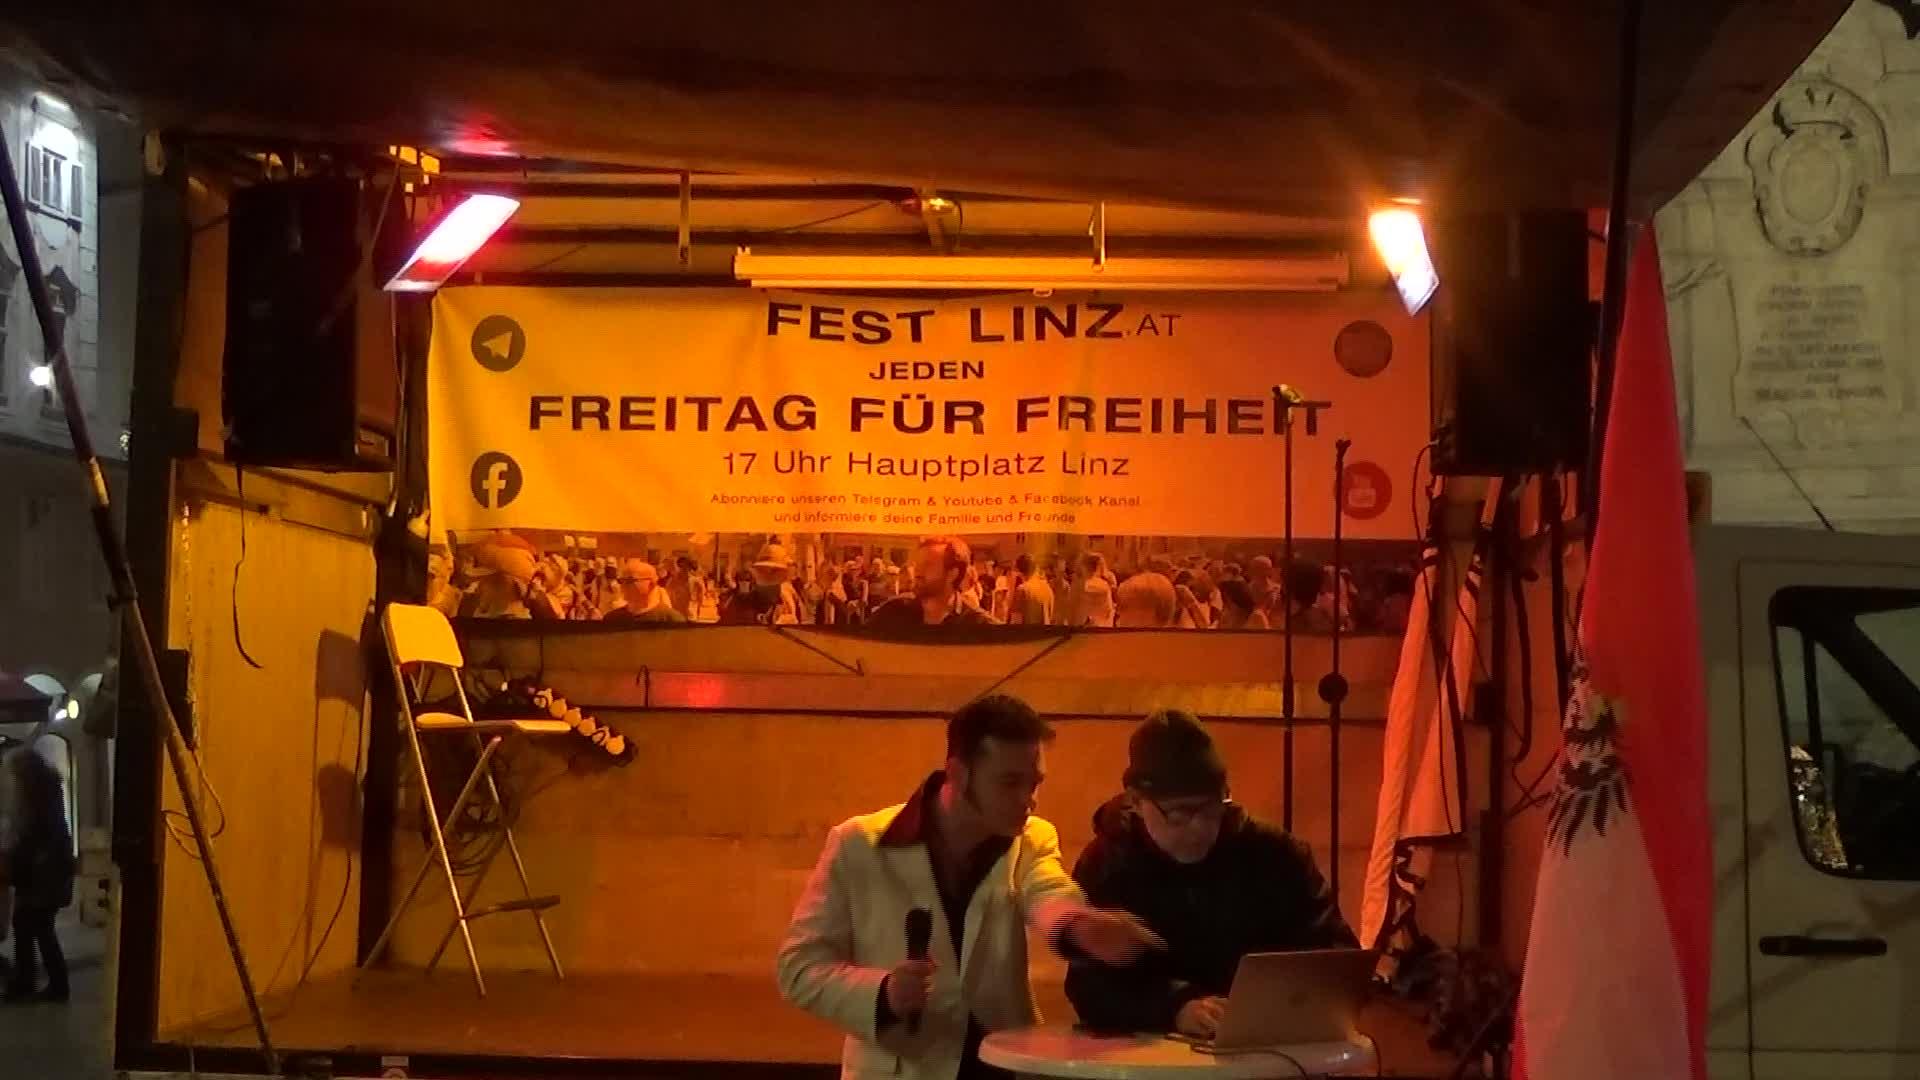 18.12.2020 - ICH BIN FREI - Linz - Elvis Is Alive - beim Fest für die Freiheit